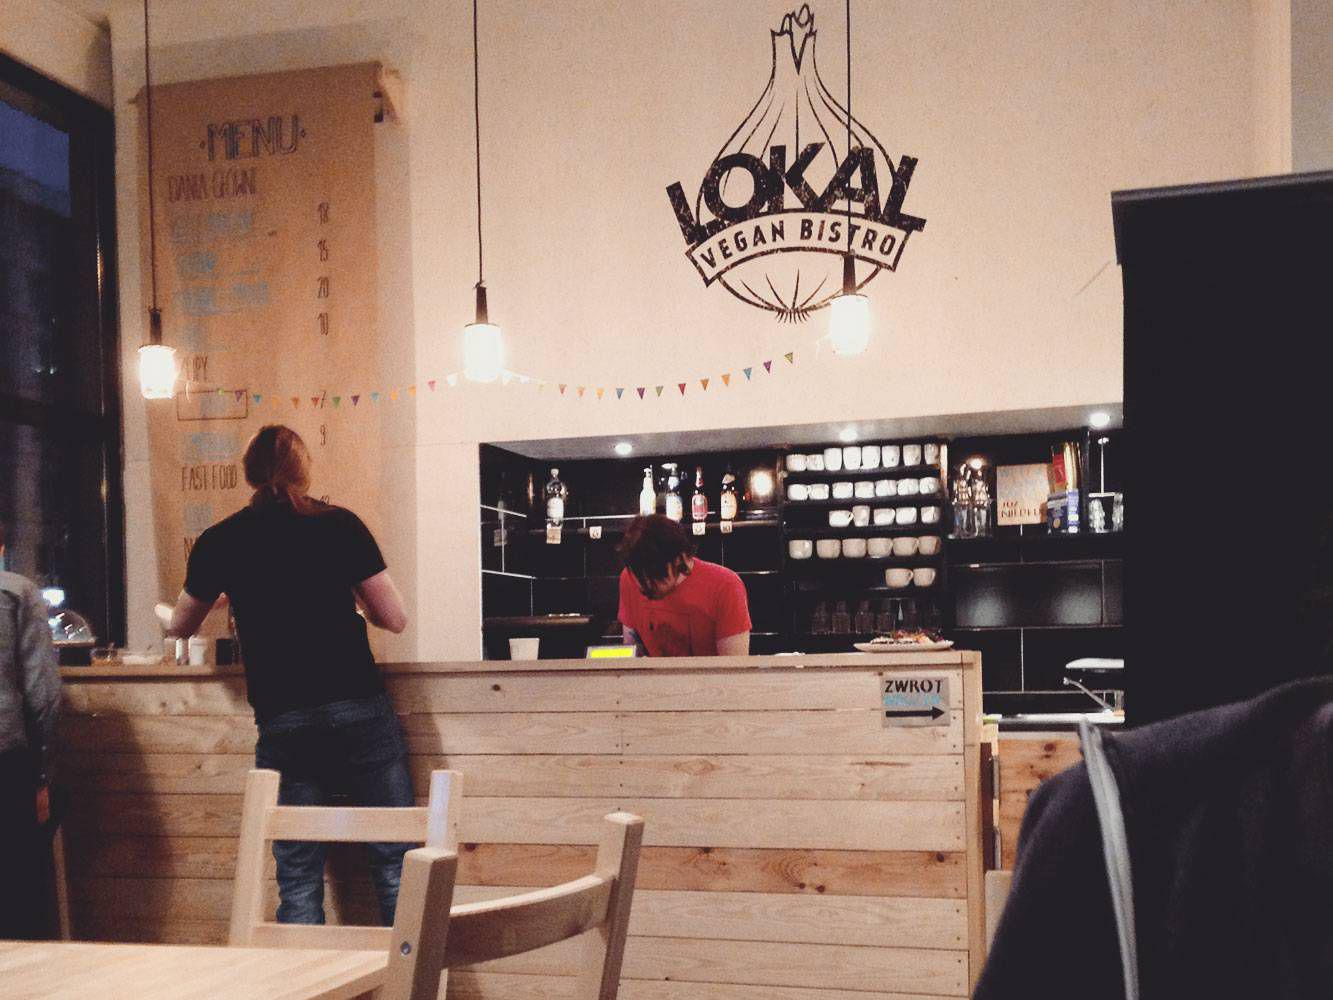 Lokal Vegan Bistro – Warszawa, Śródmieście